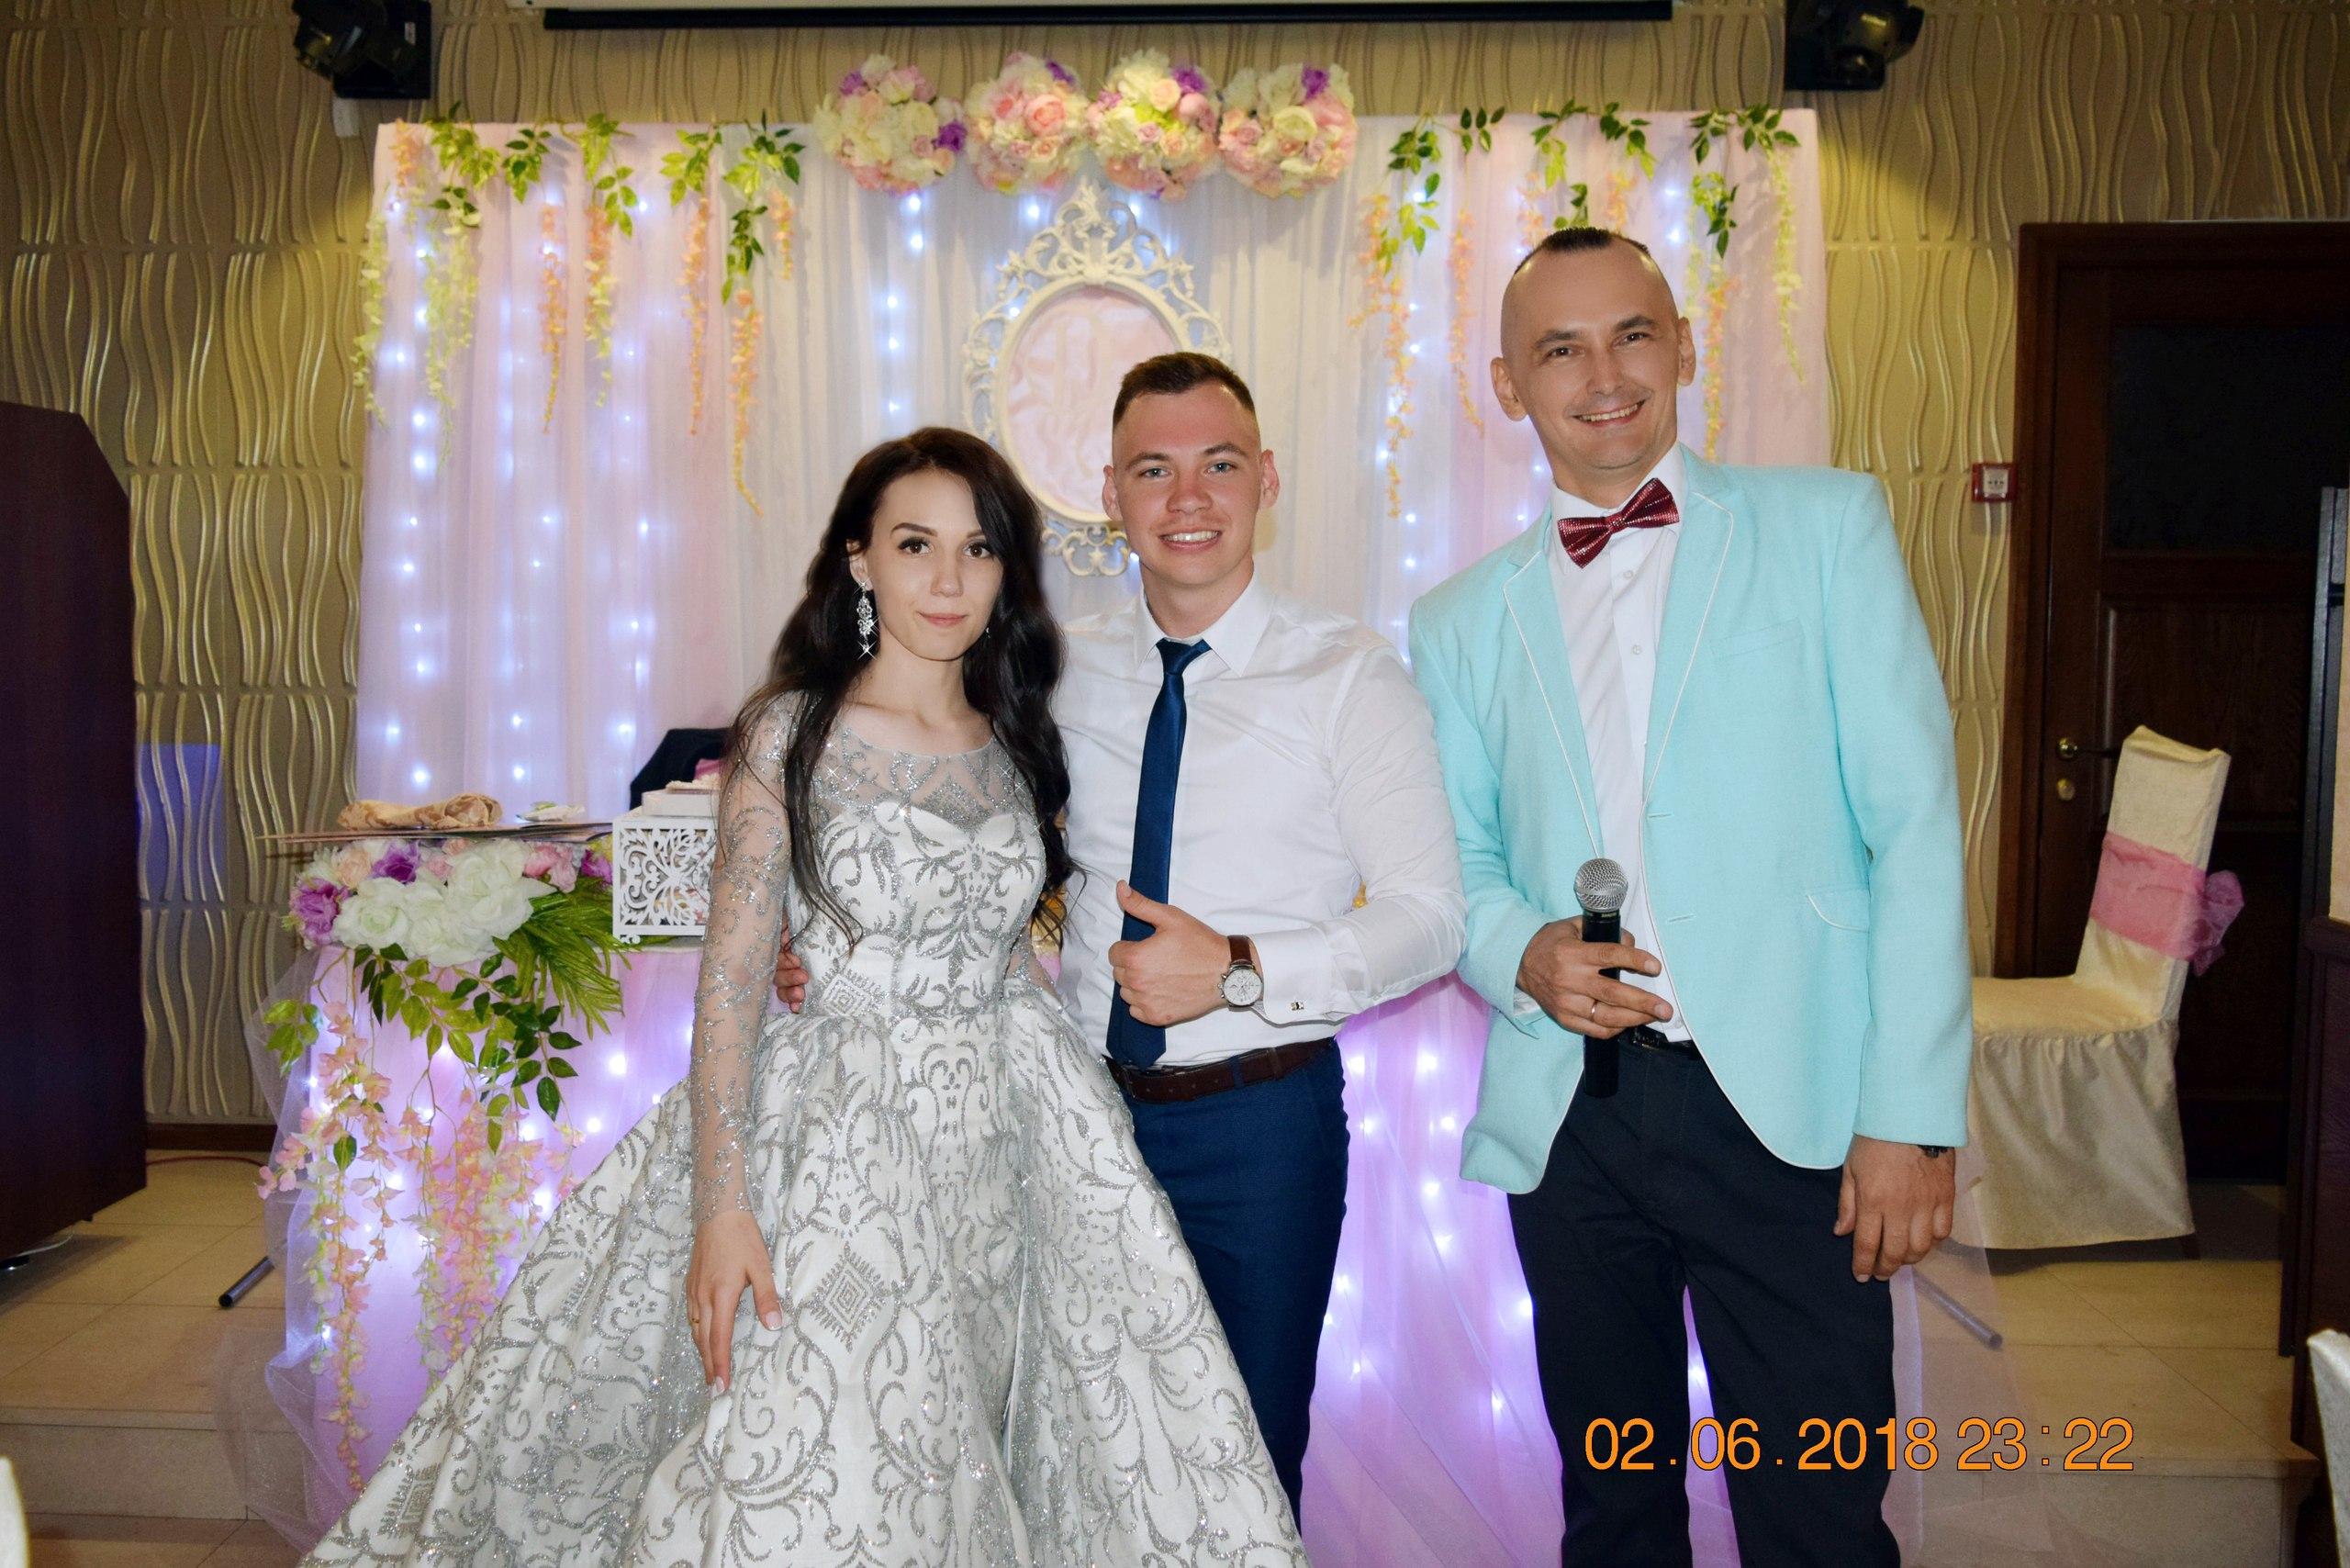 zuPoueB6H0o - Свадьба Дмитрия и Виктории